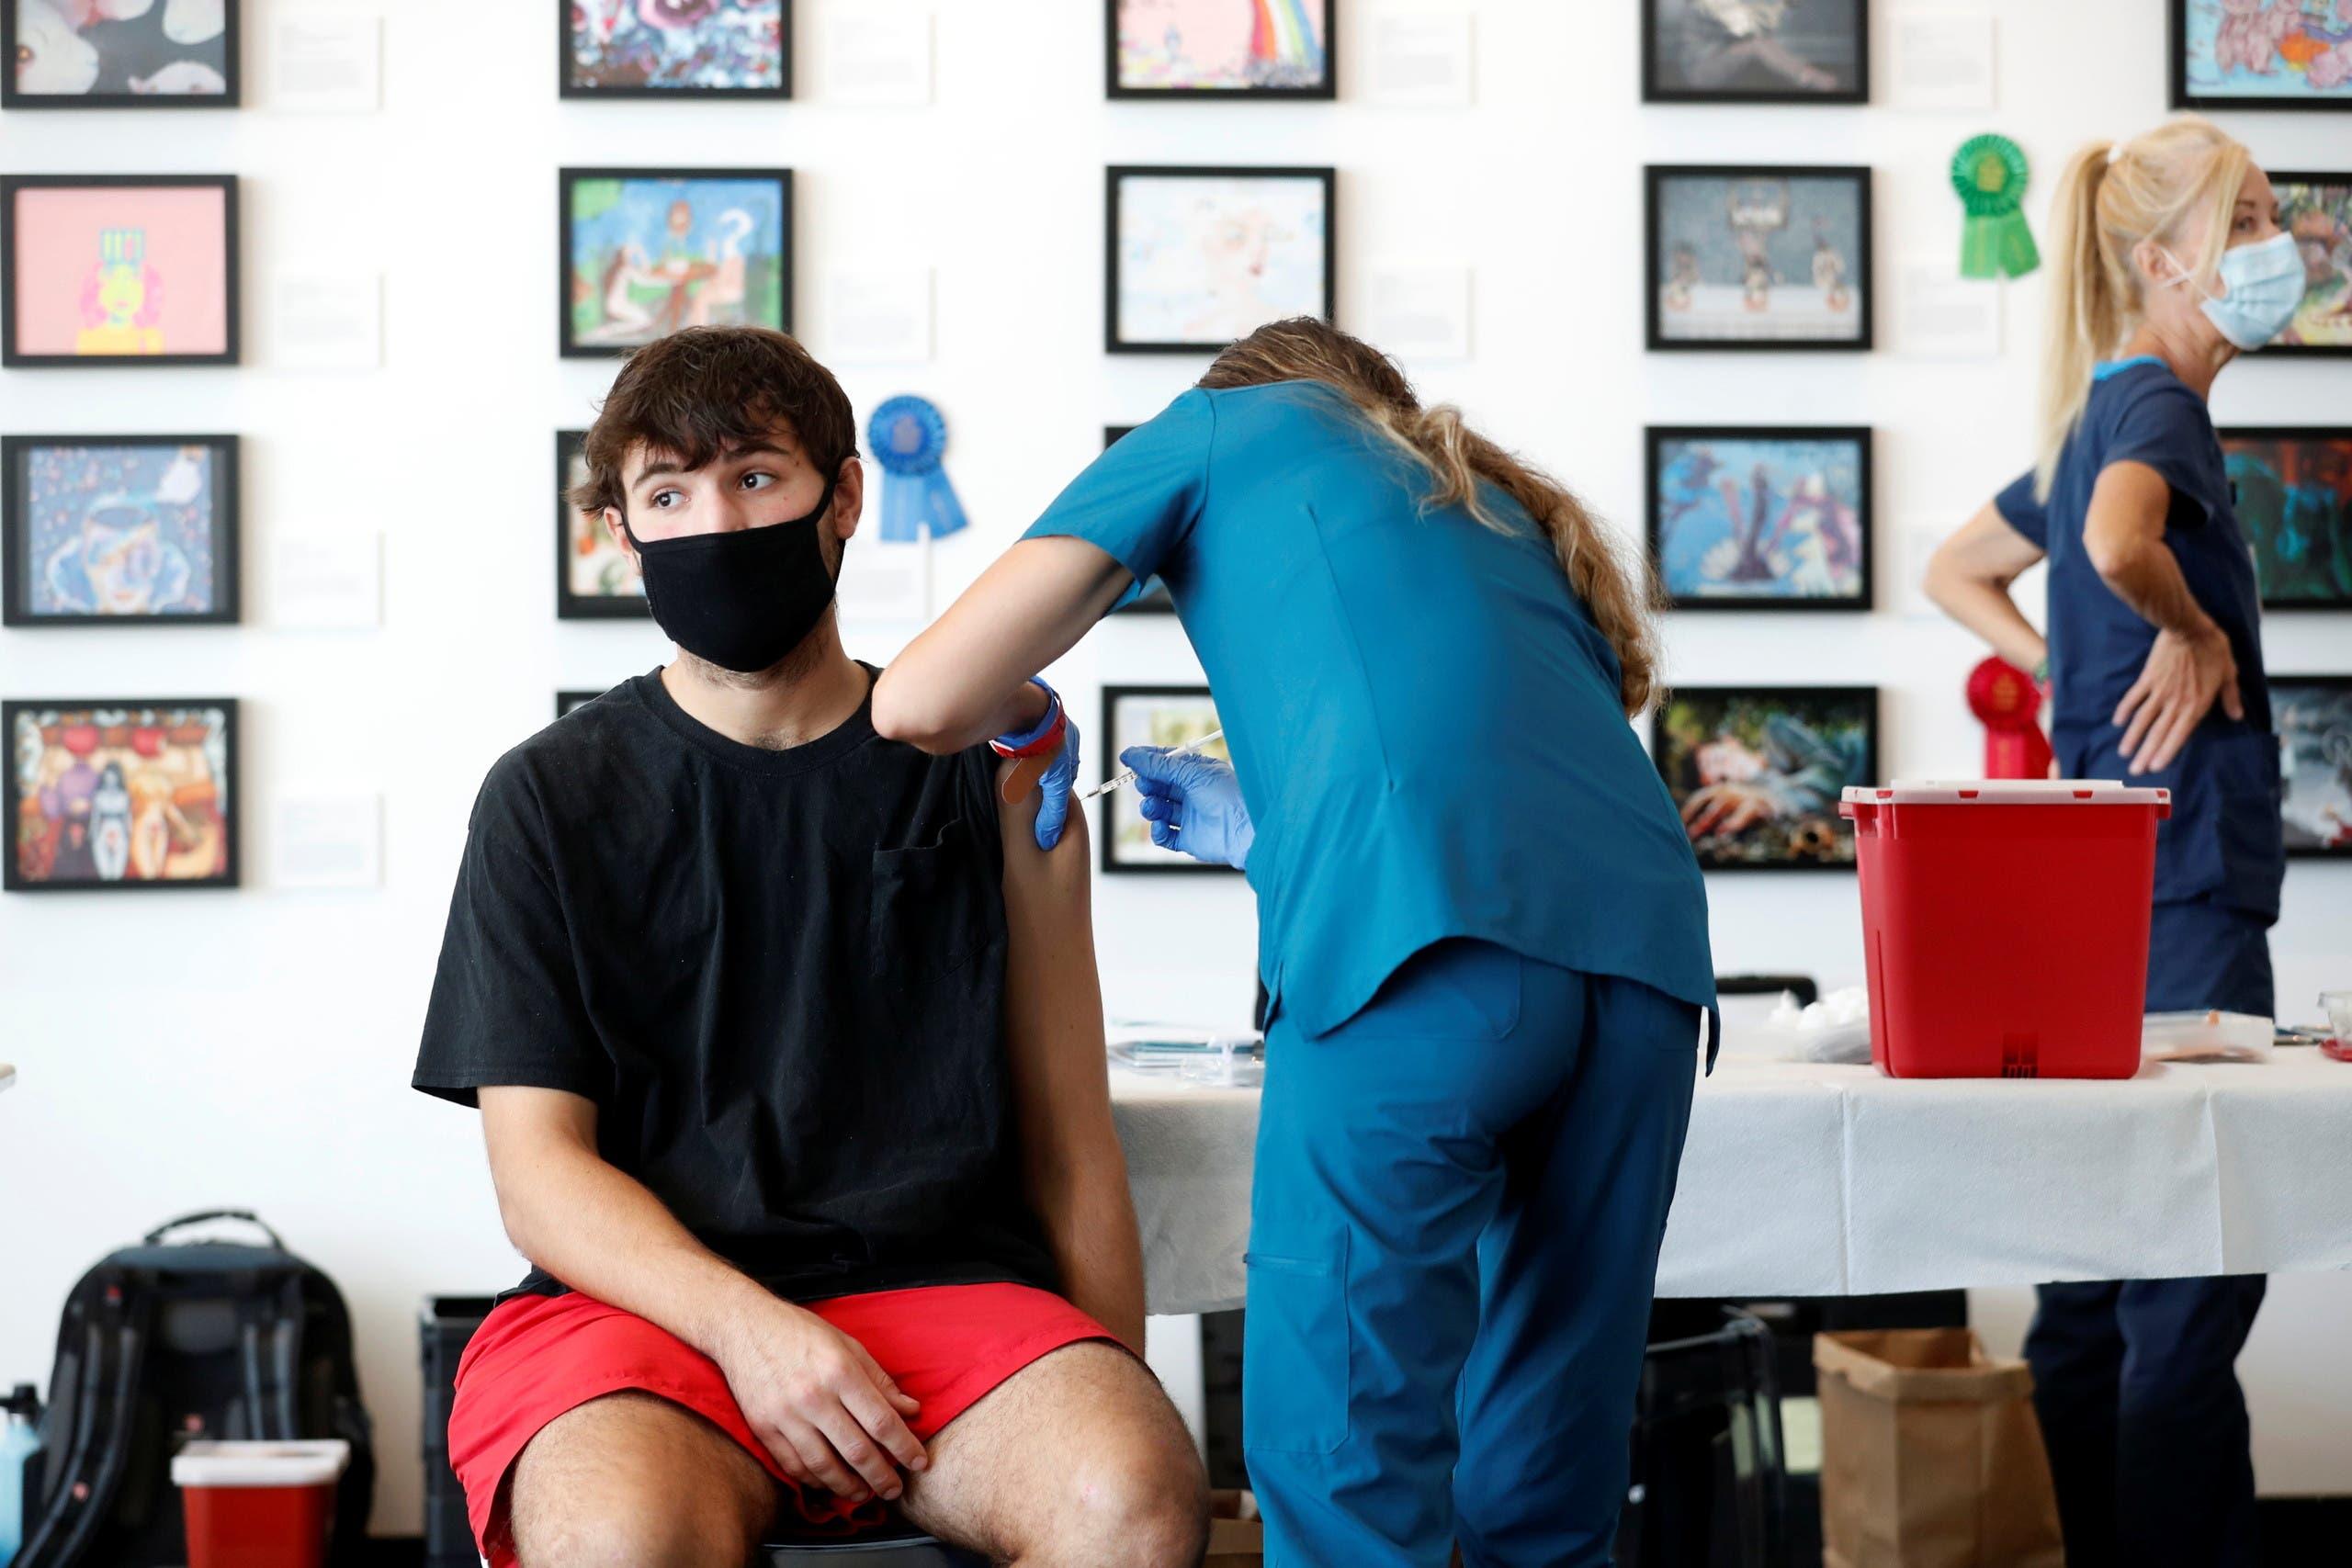 من حملة تطعيم المراهقين في فلوريدا